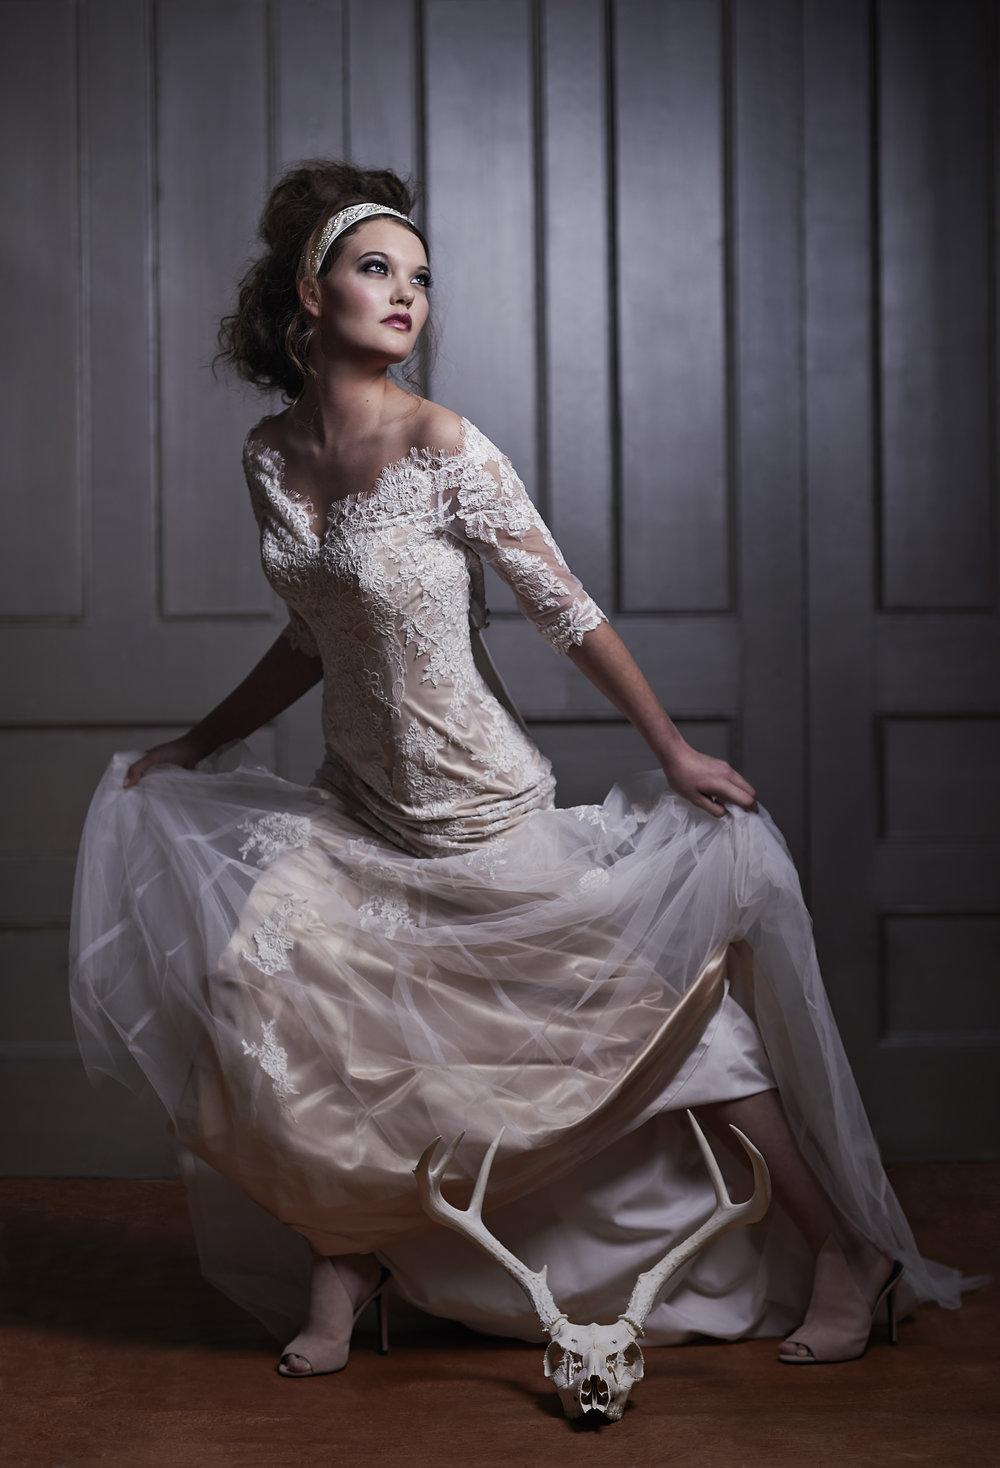 marta-hewson-fashion-urnabicity-bridal-running-bride-with-skull.jpg